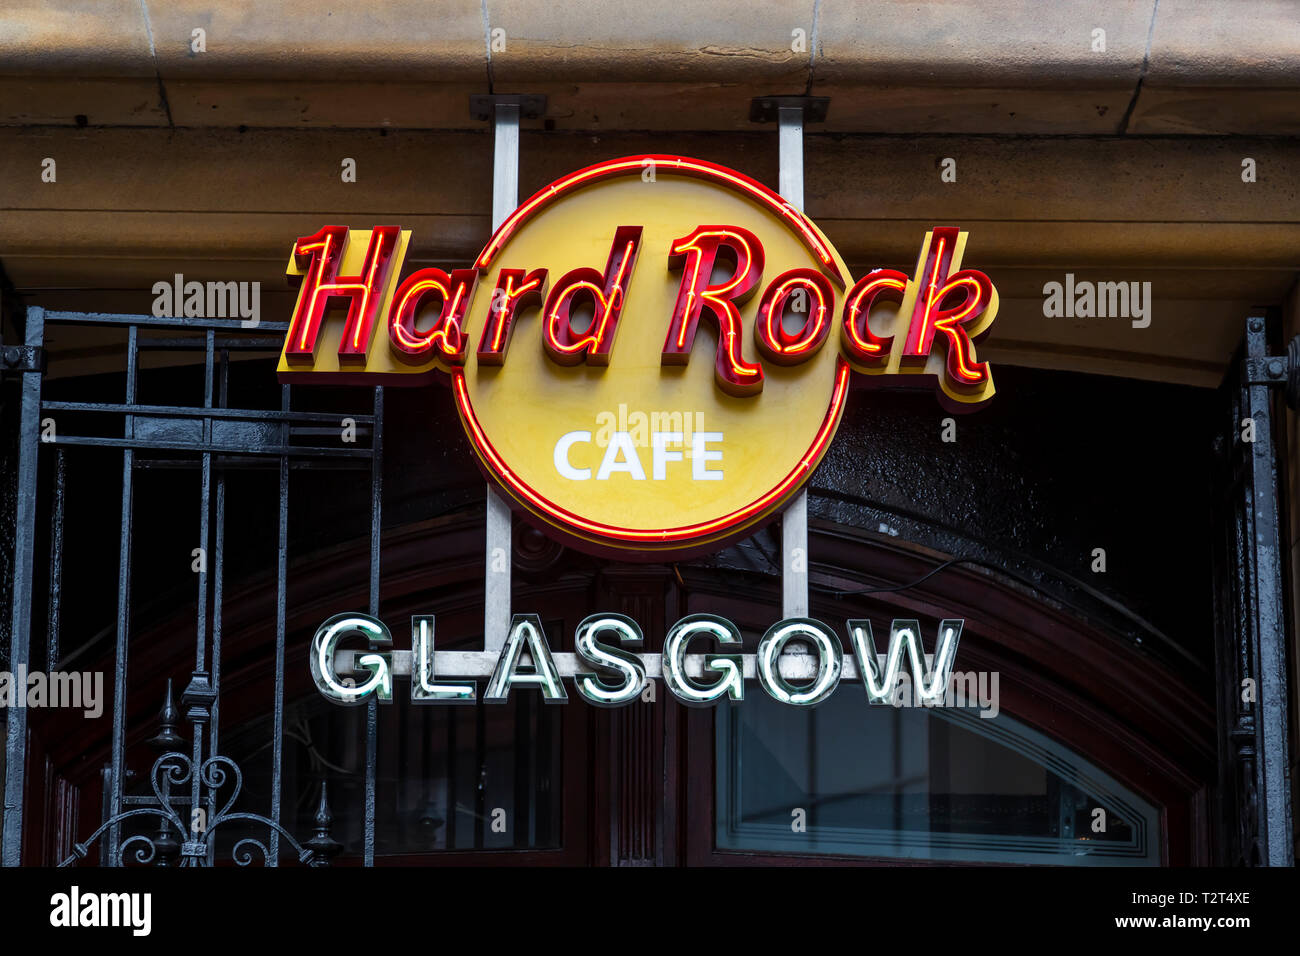 Un panneau au-dessus de l'entrée du restaurant Hard Rock café sur Buchanan Street dans le centre-ville de Glasgow, Écosse, Royaume-Uni Banque D'Images